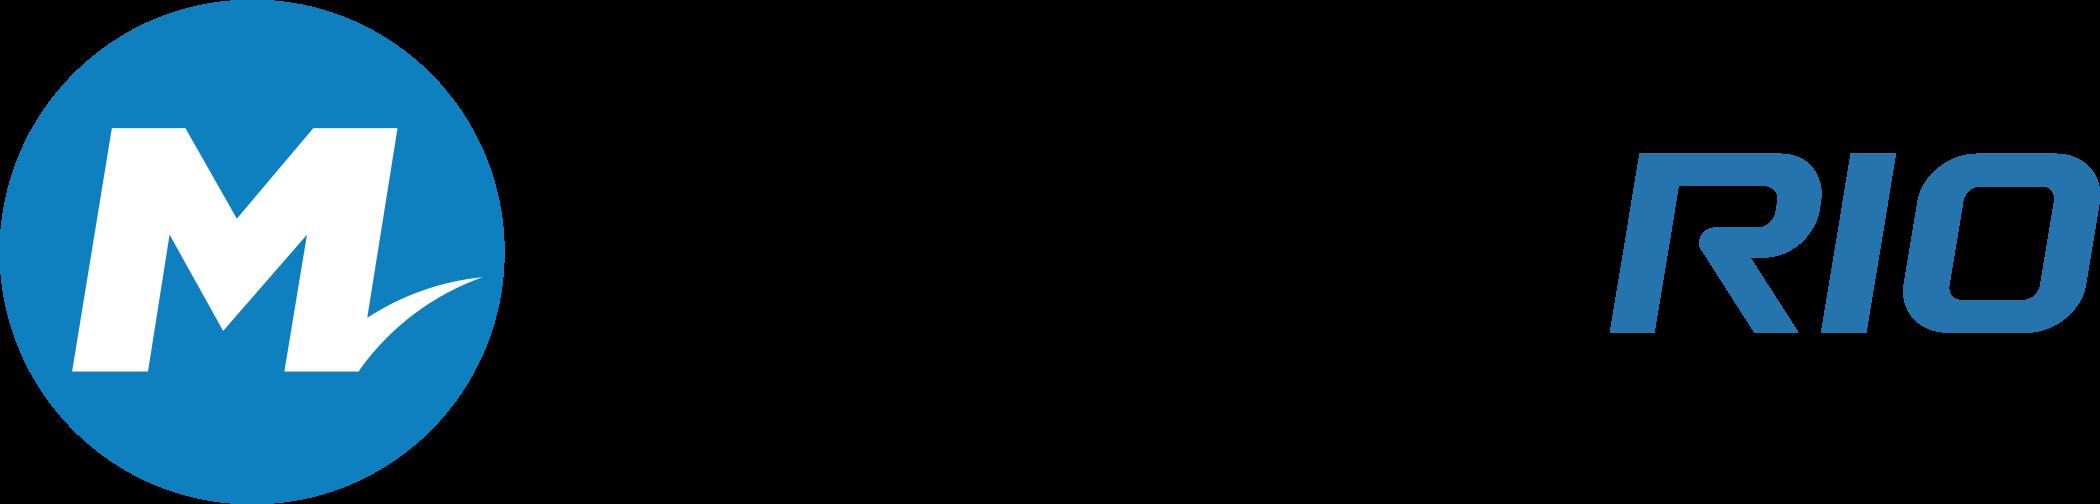 MetrôRio Logo.